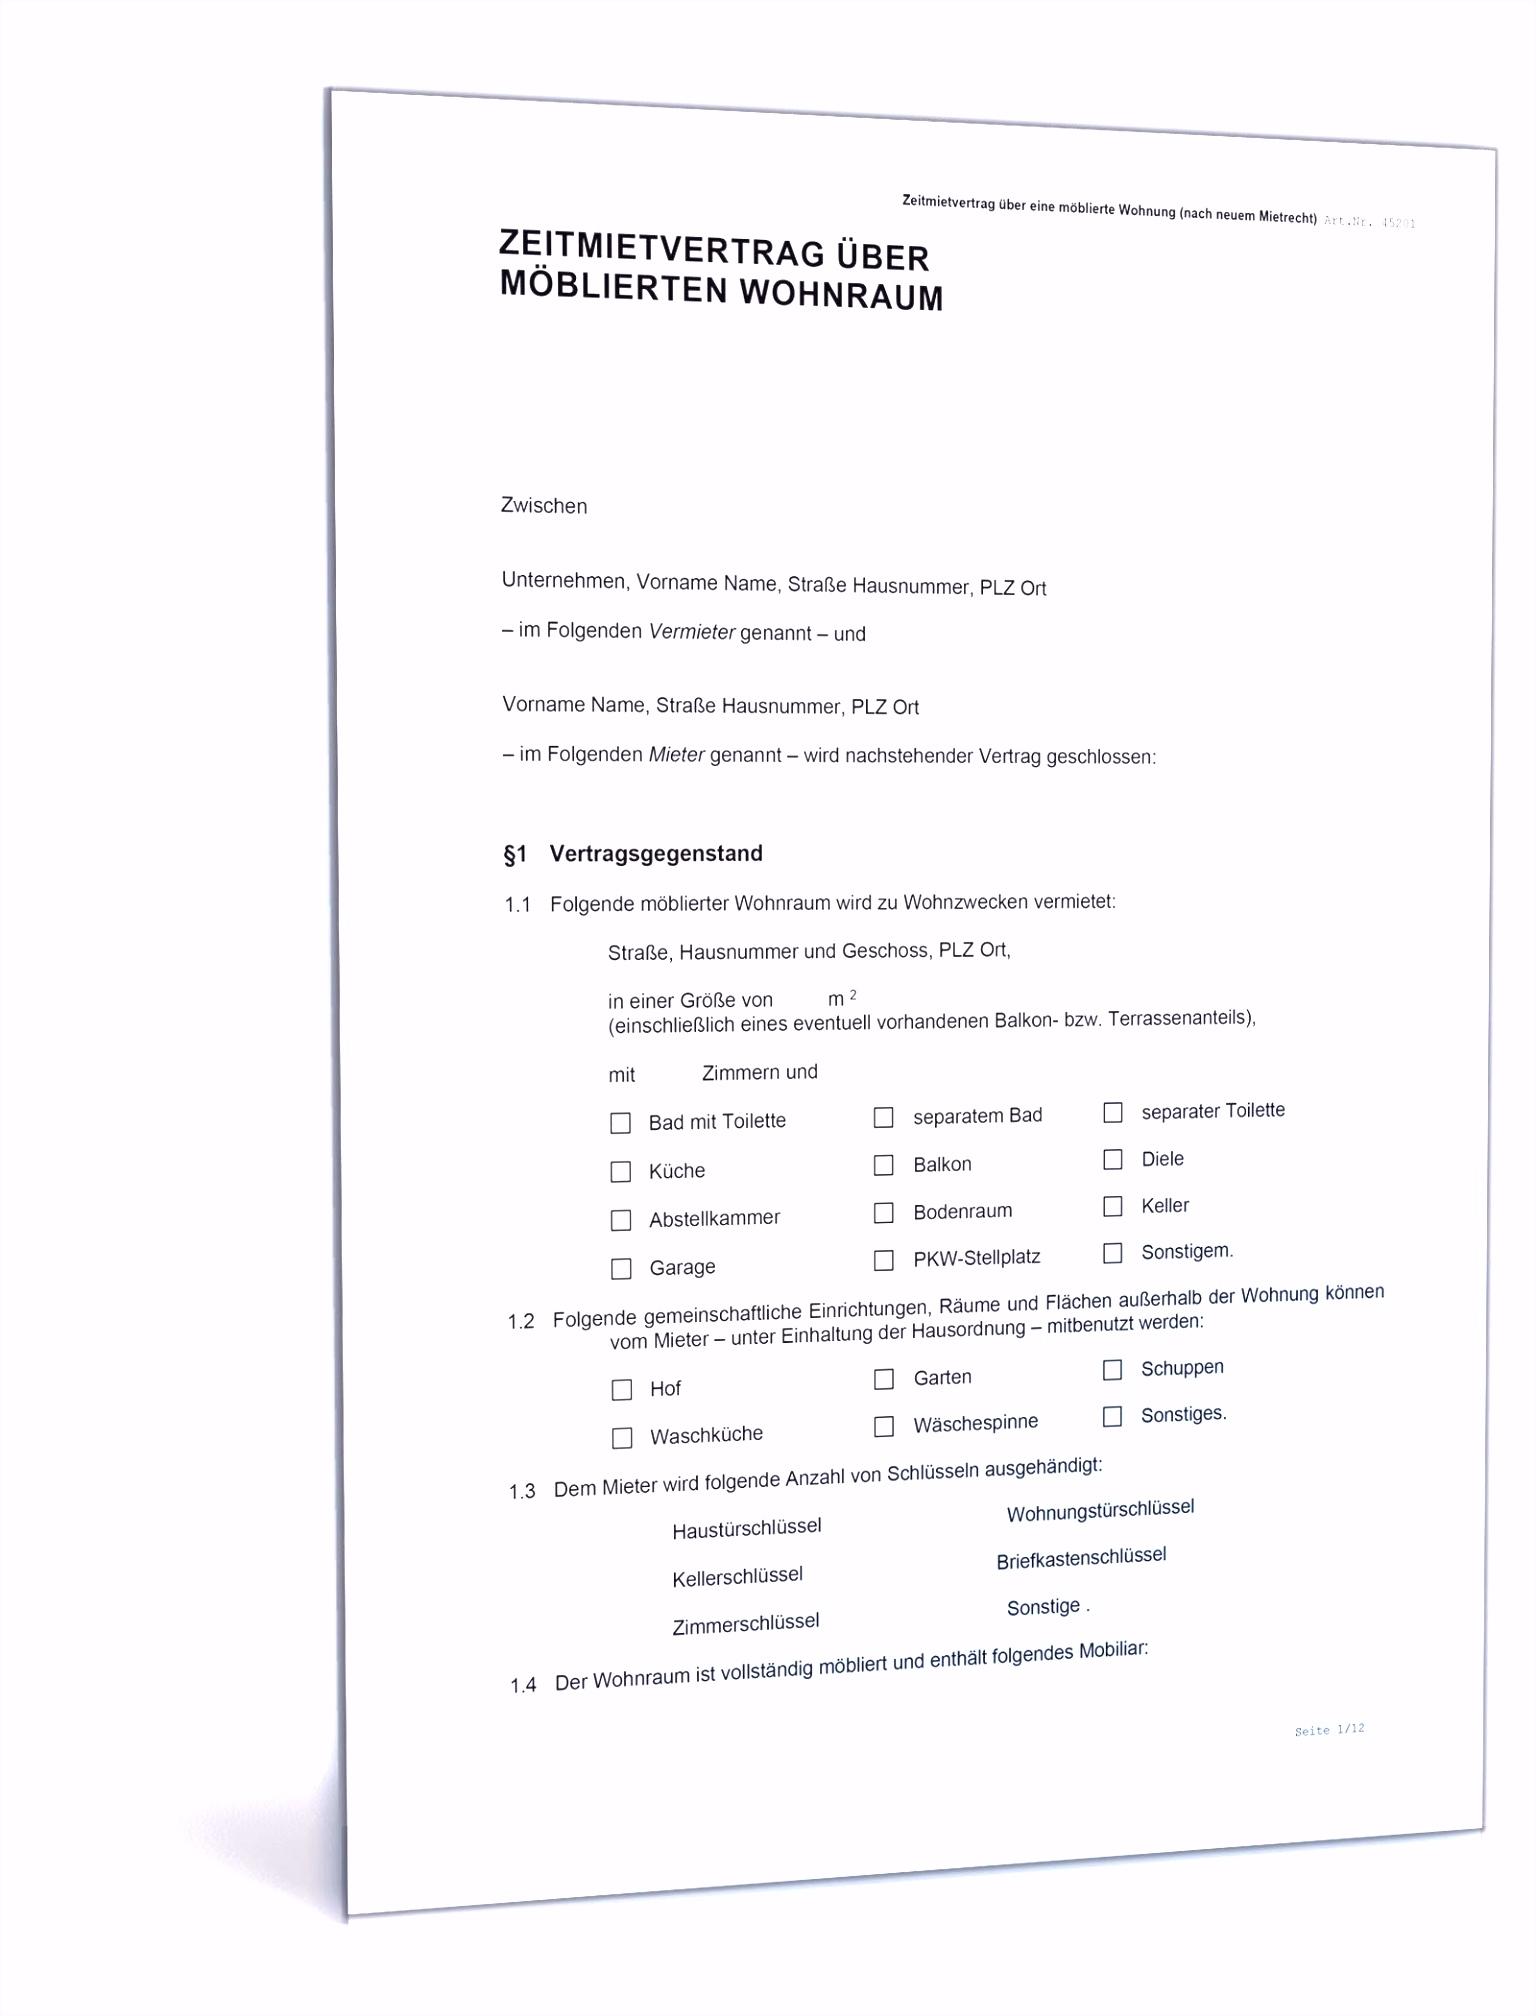 Kündigung Mietvertrag Vorlage Kostenlos Luxury Signatur Email